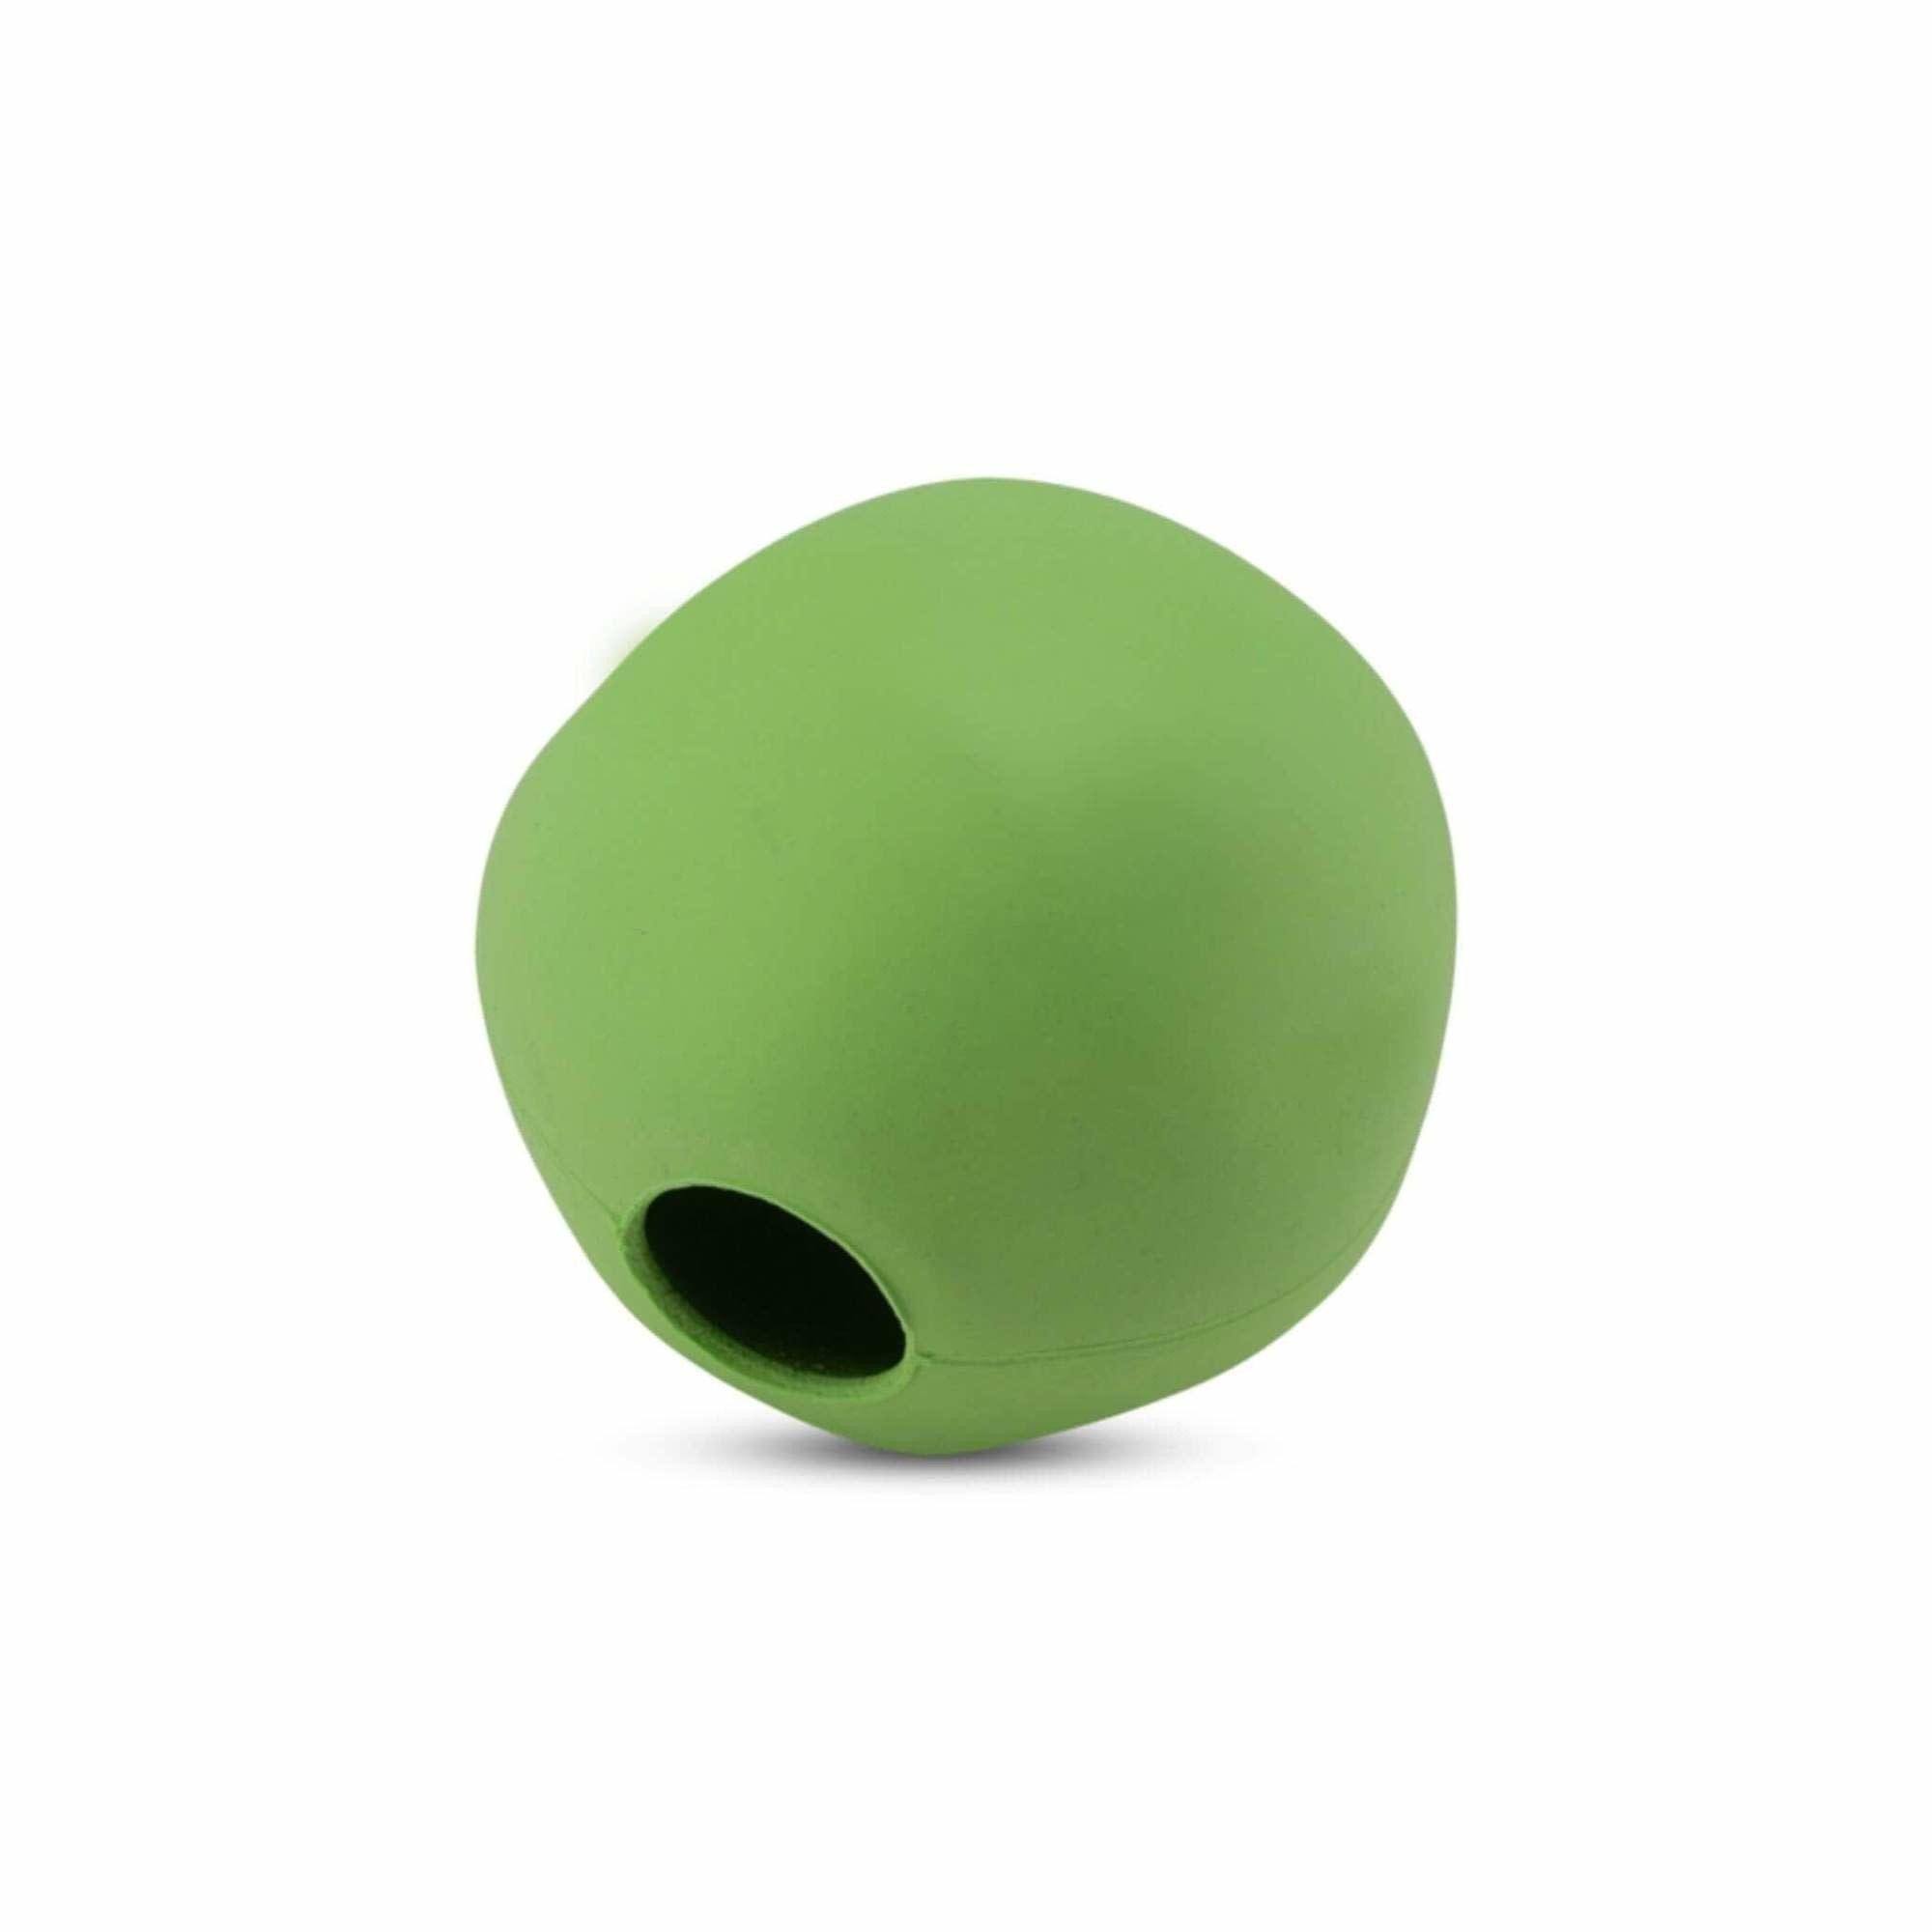 Beco Ball Green XL